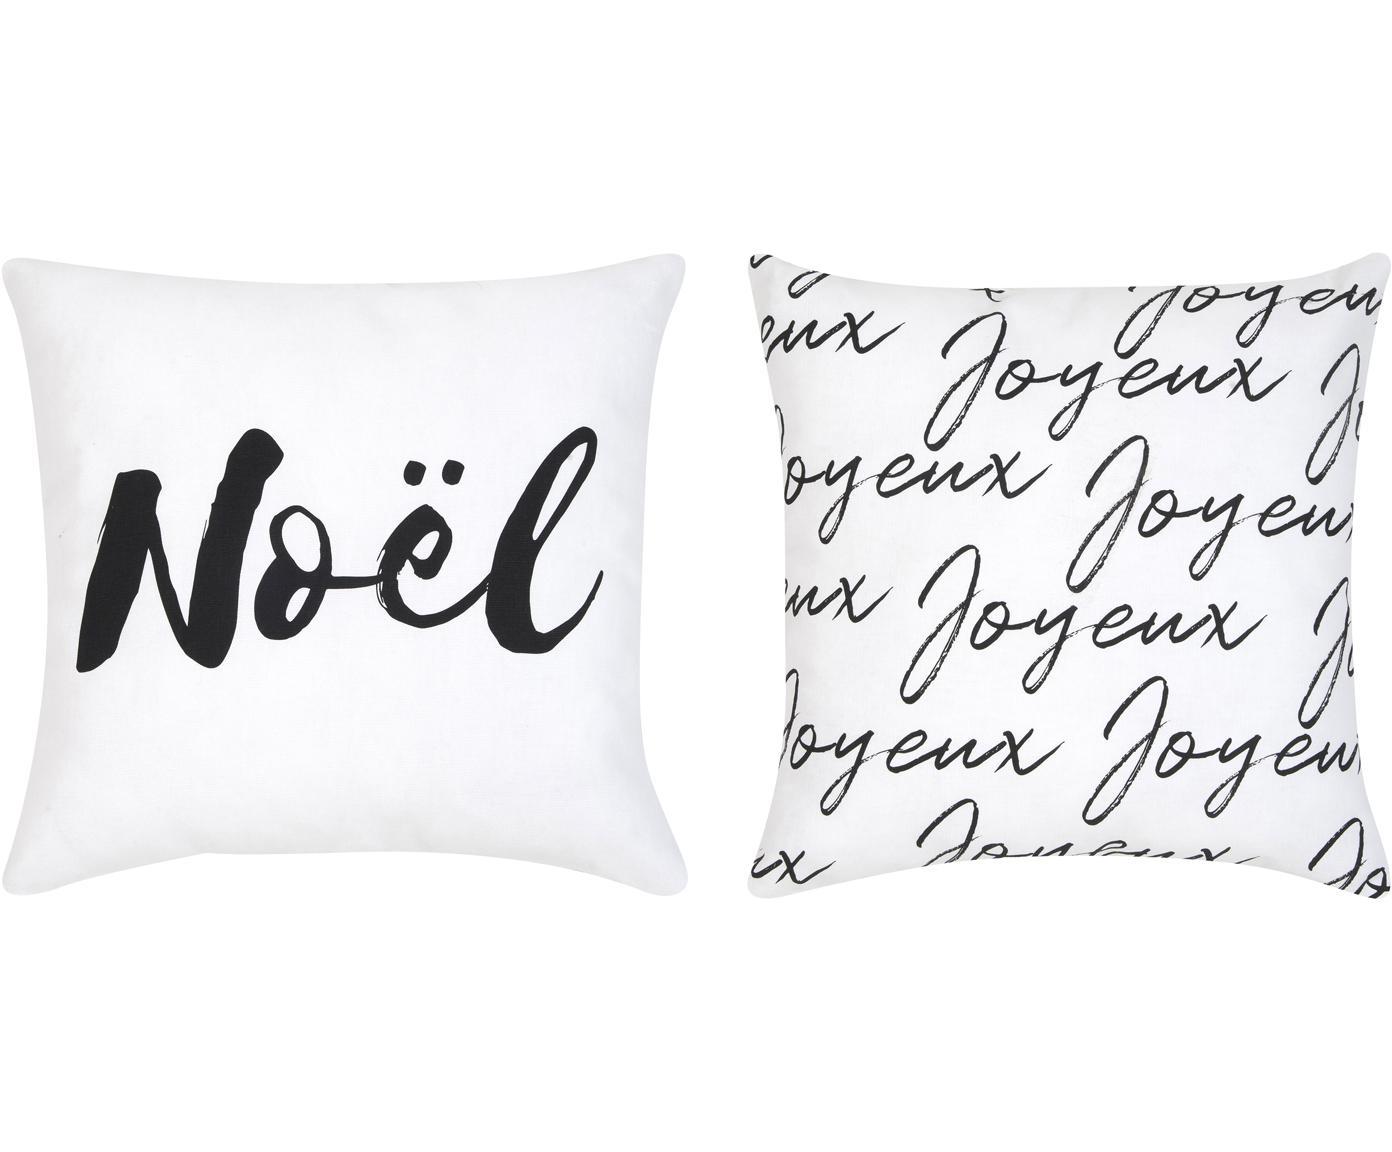 Kissenhüllen 2er Set Noel, Baumwolle, Schwarz, Weiß, 40 x 40 cm